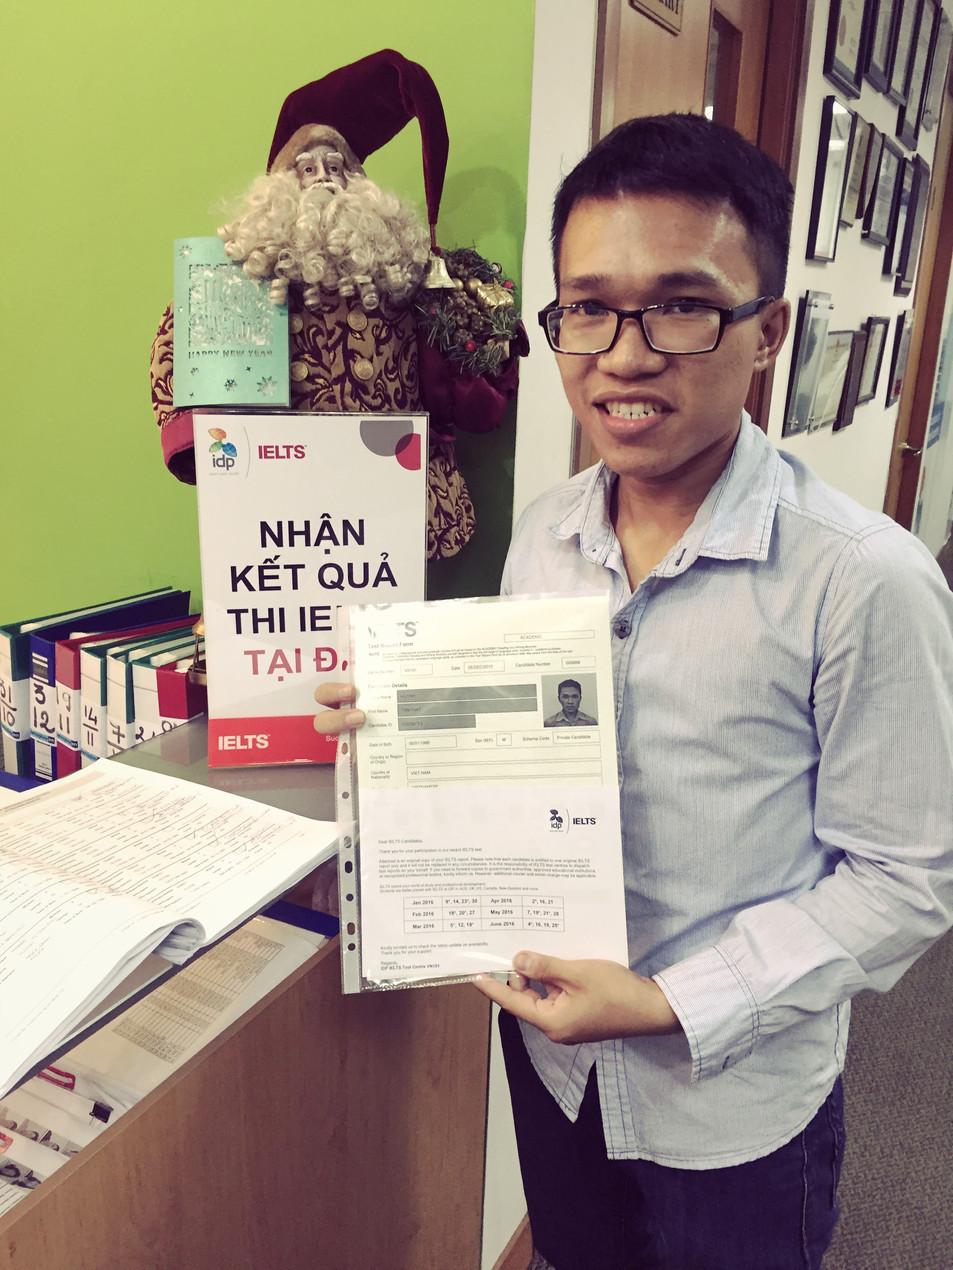 Luyen thi Ielts 6.5 nhận bảng điểm tại IDP MAC DINH CHI HCM